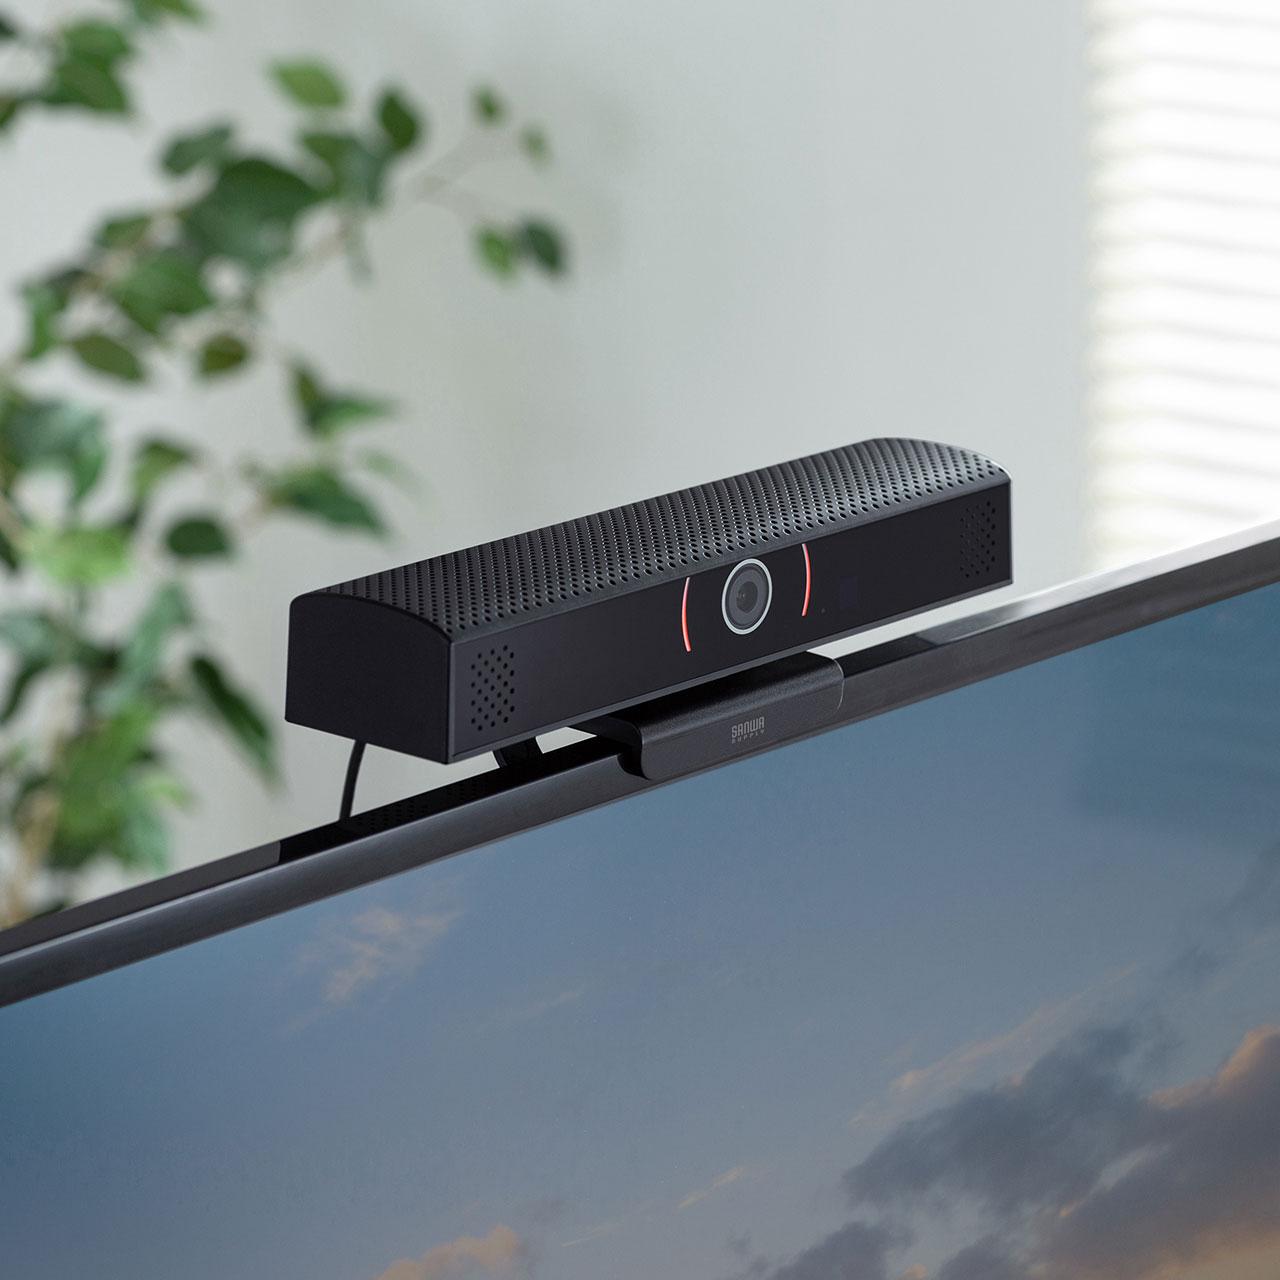 サンワサプライより、スピーカー内蔵のWebカメラ「CMS-V48BK」が発売中